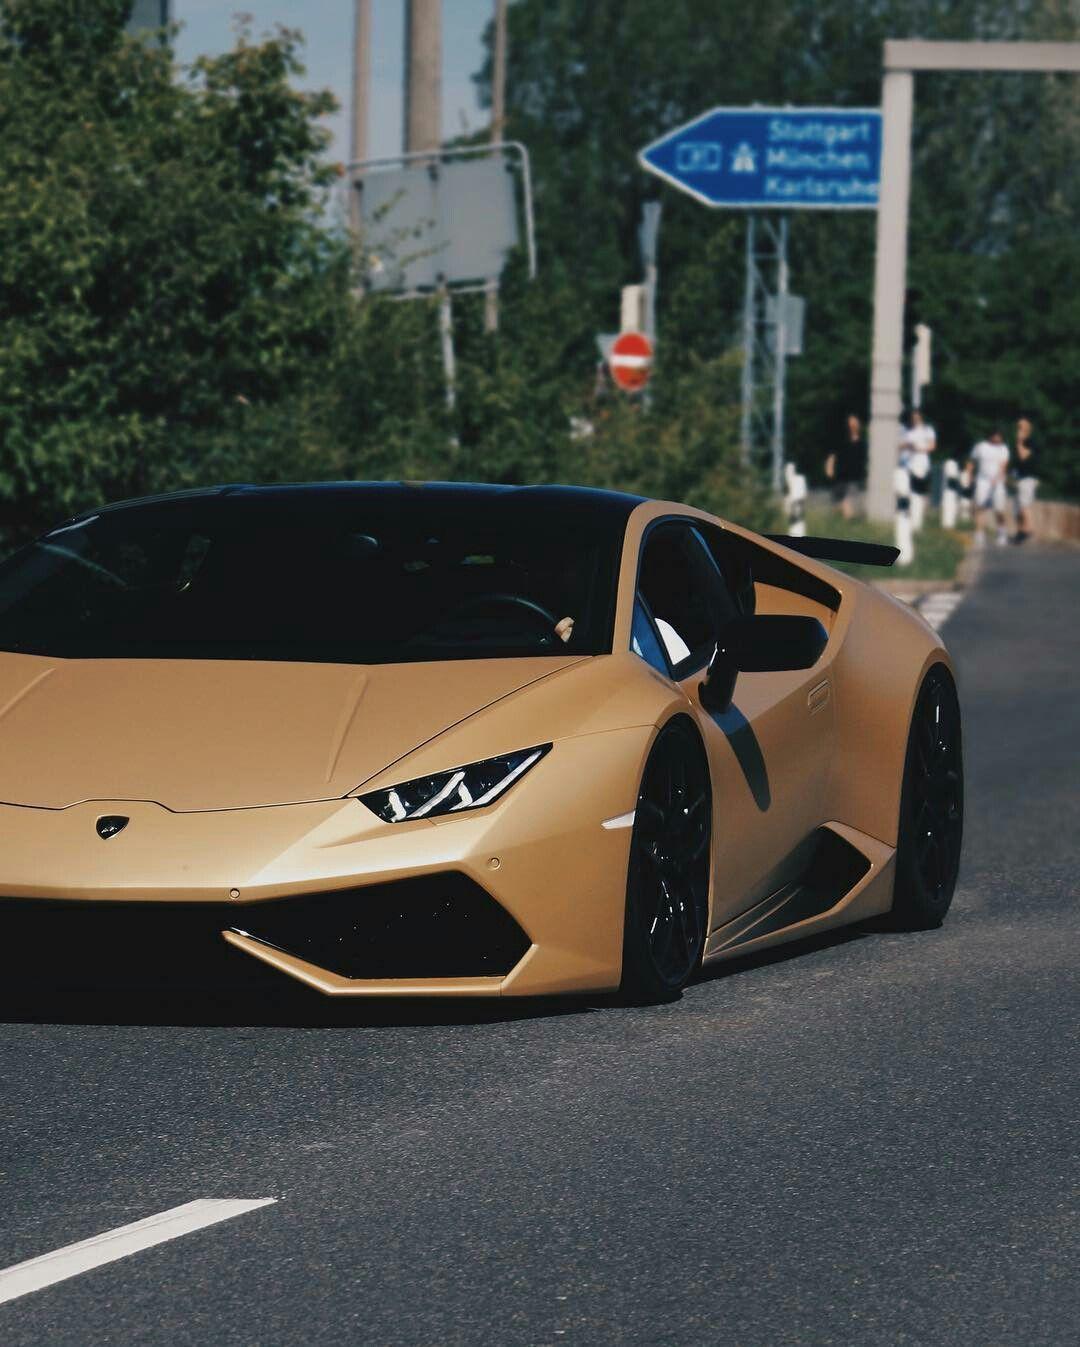 #BlackandGold Lamborghini Huracan